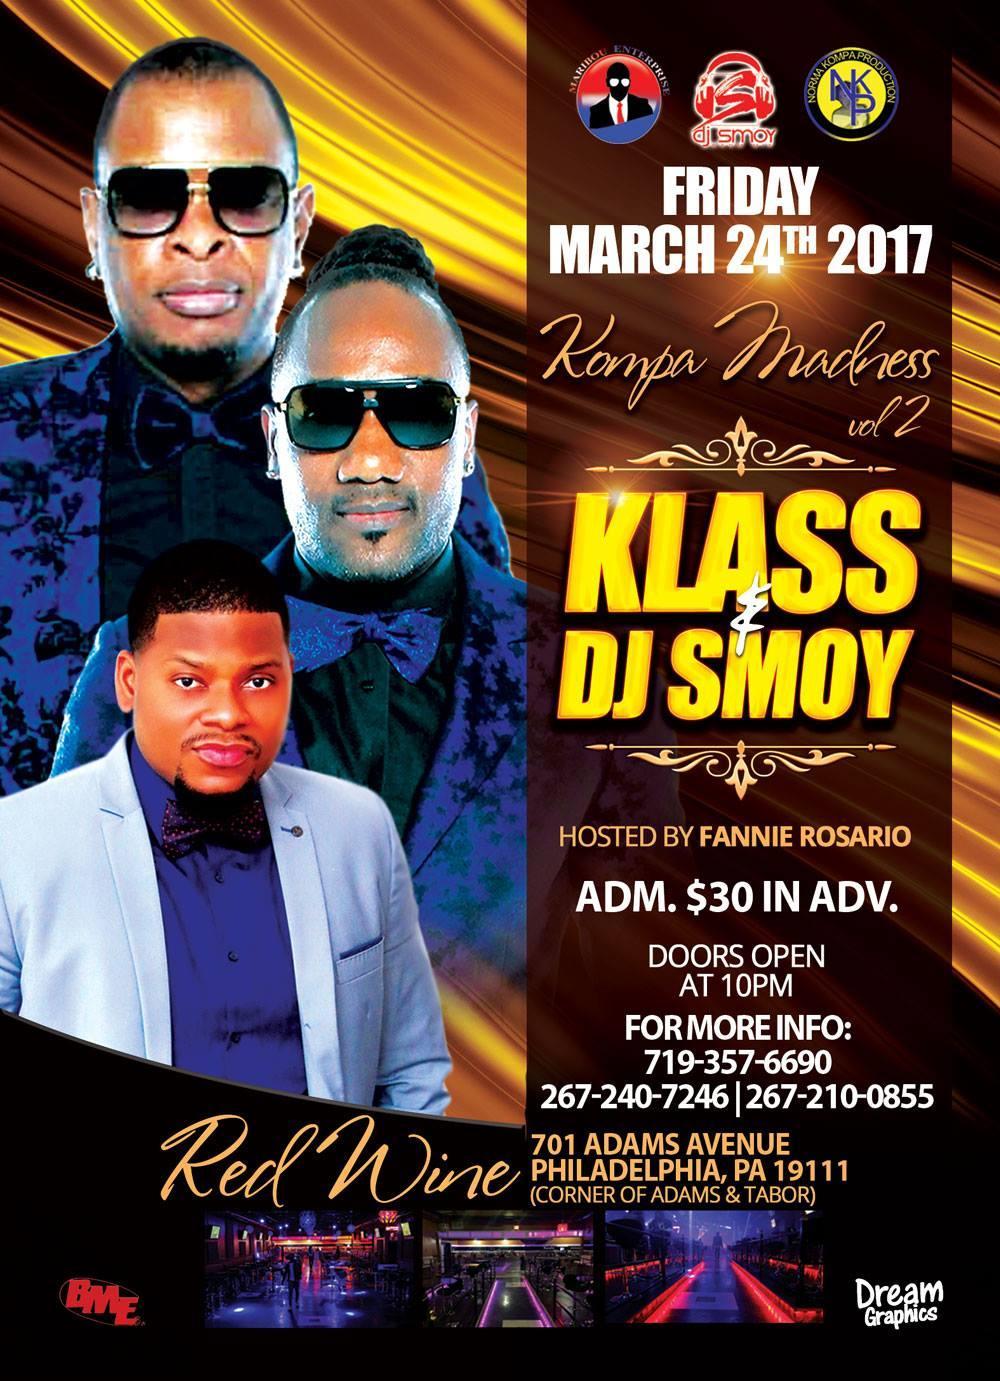 KLASS DJ SMOY K.M VOL 2